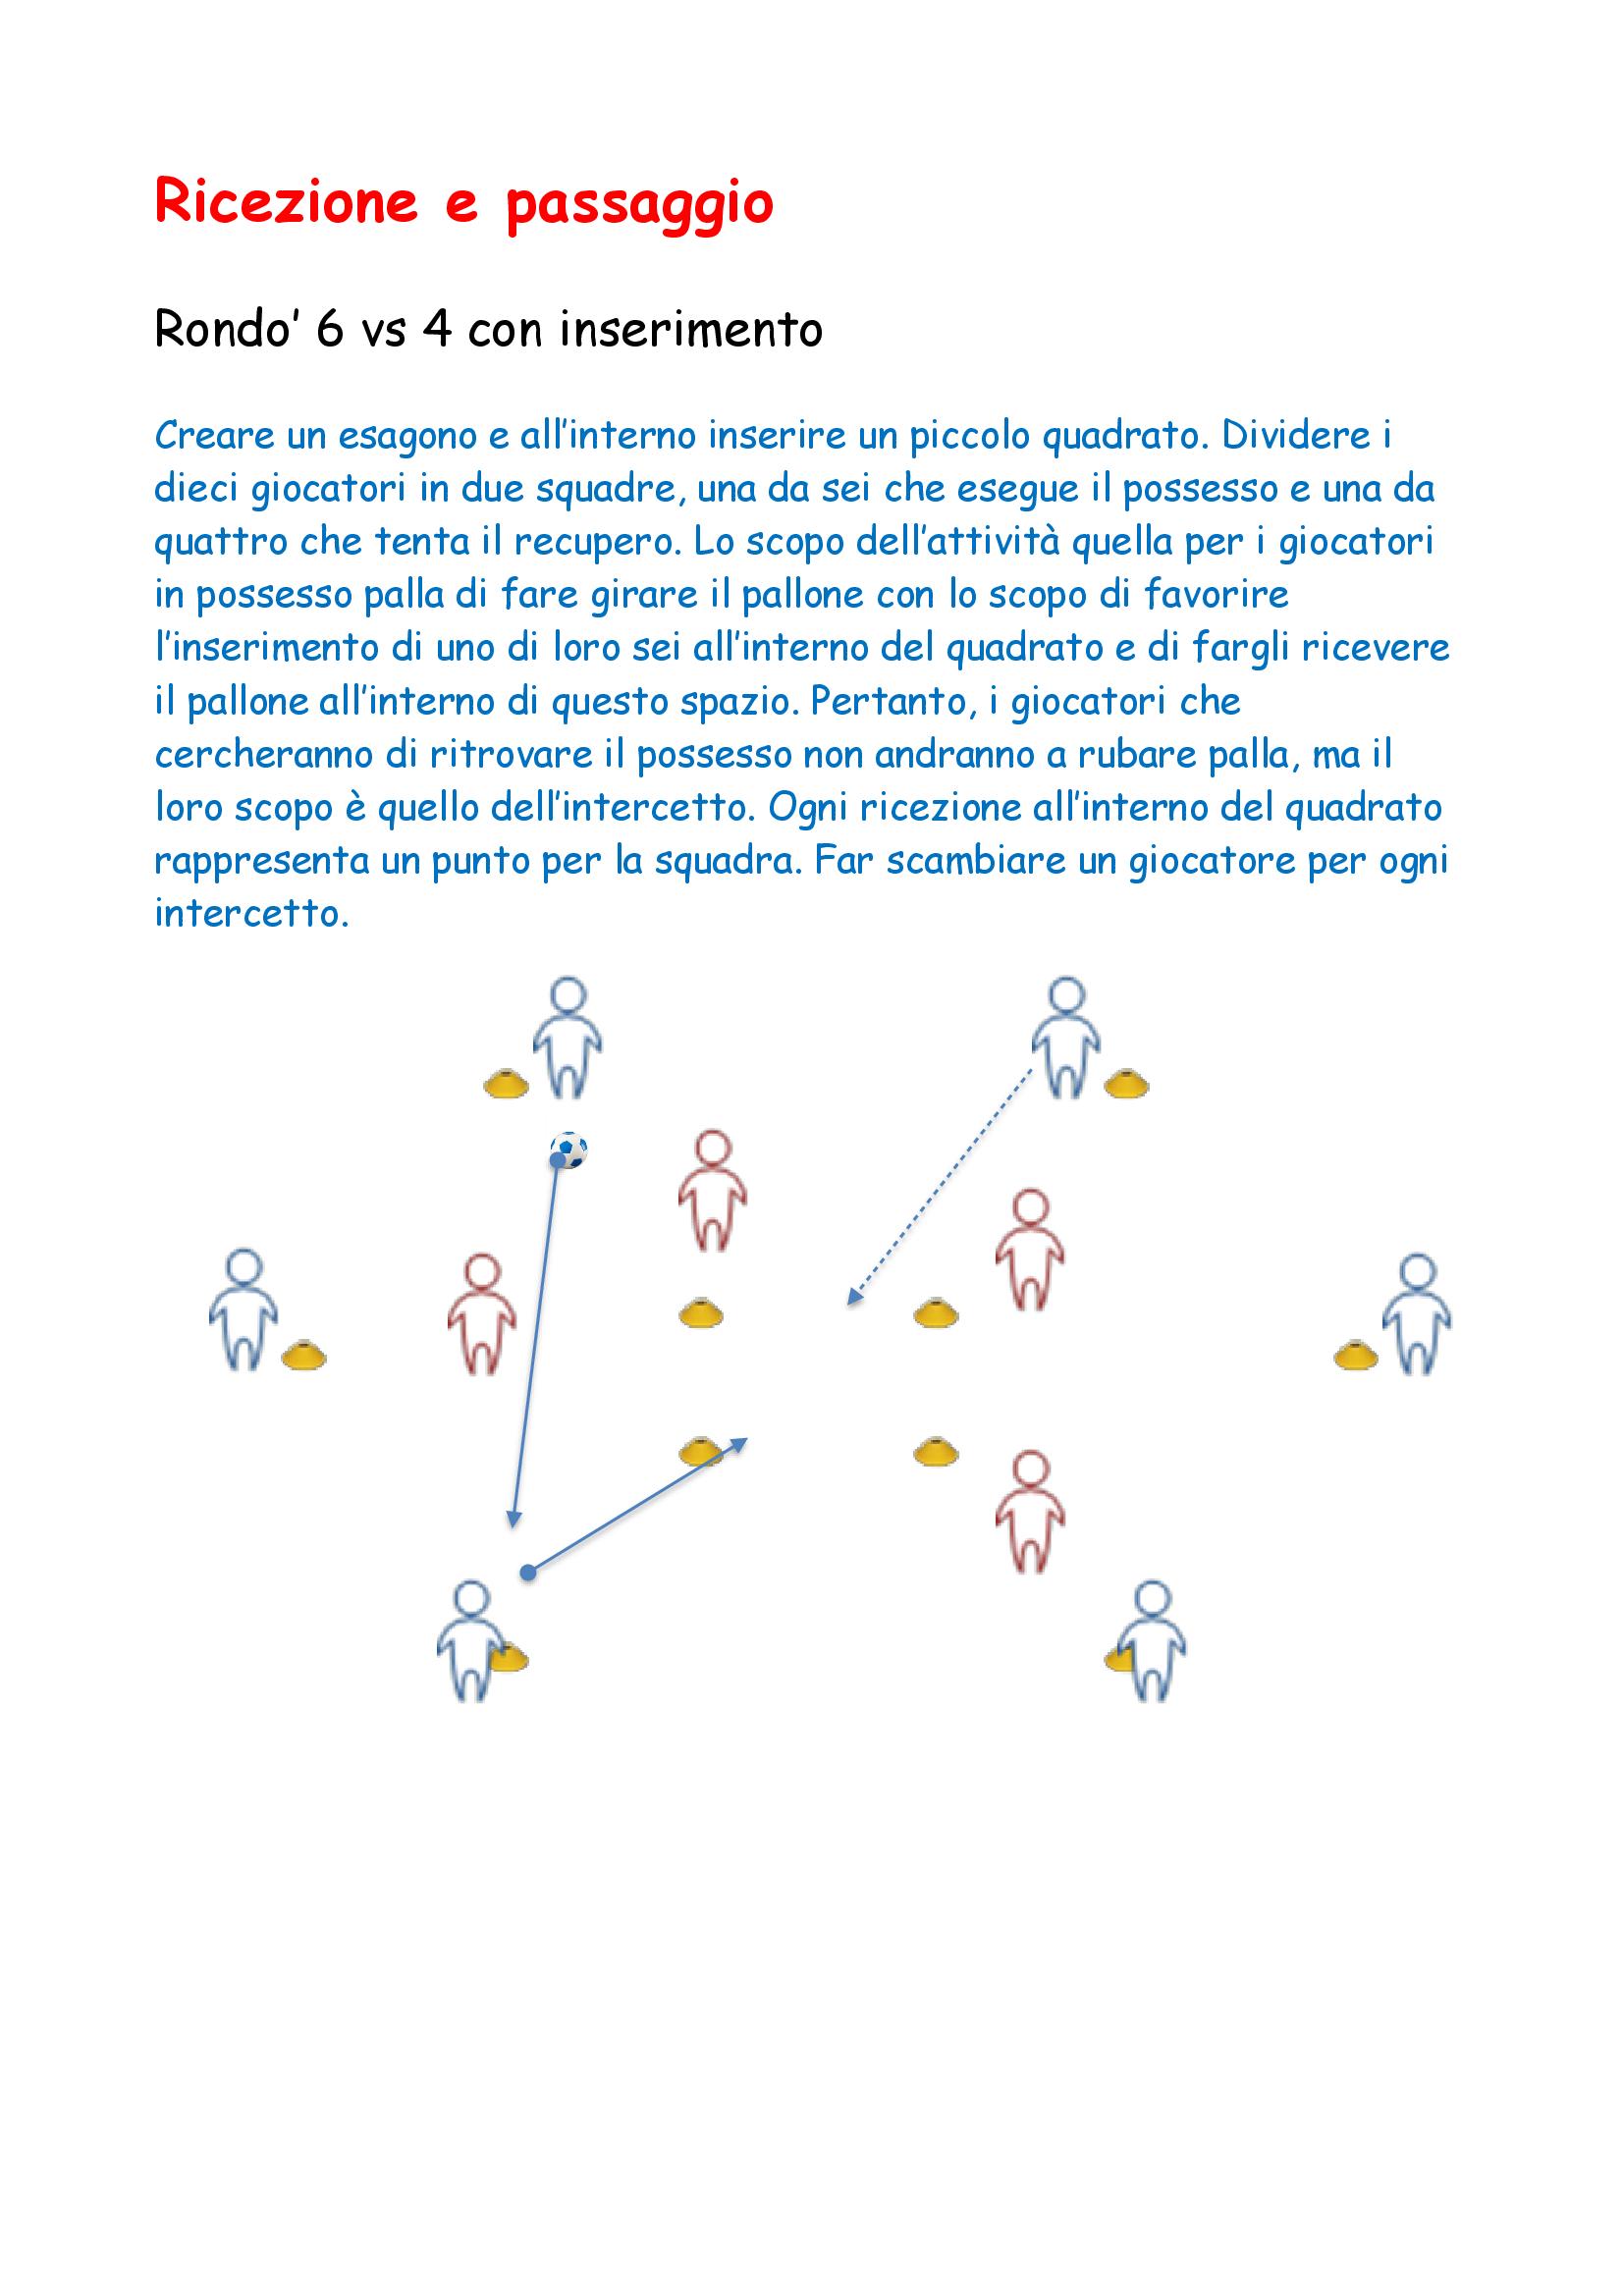 rondo-6-vs-4-con-inserimento